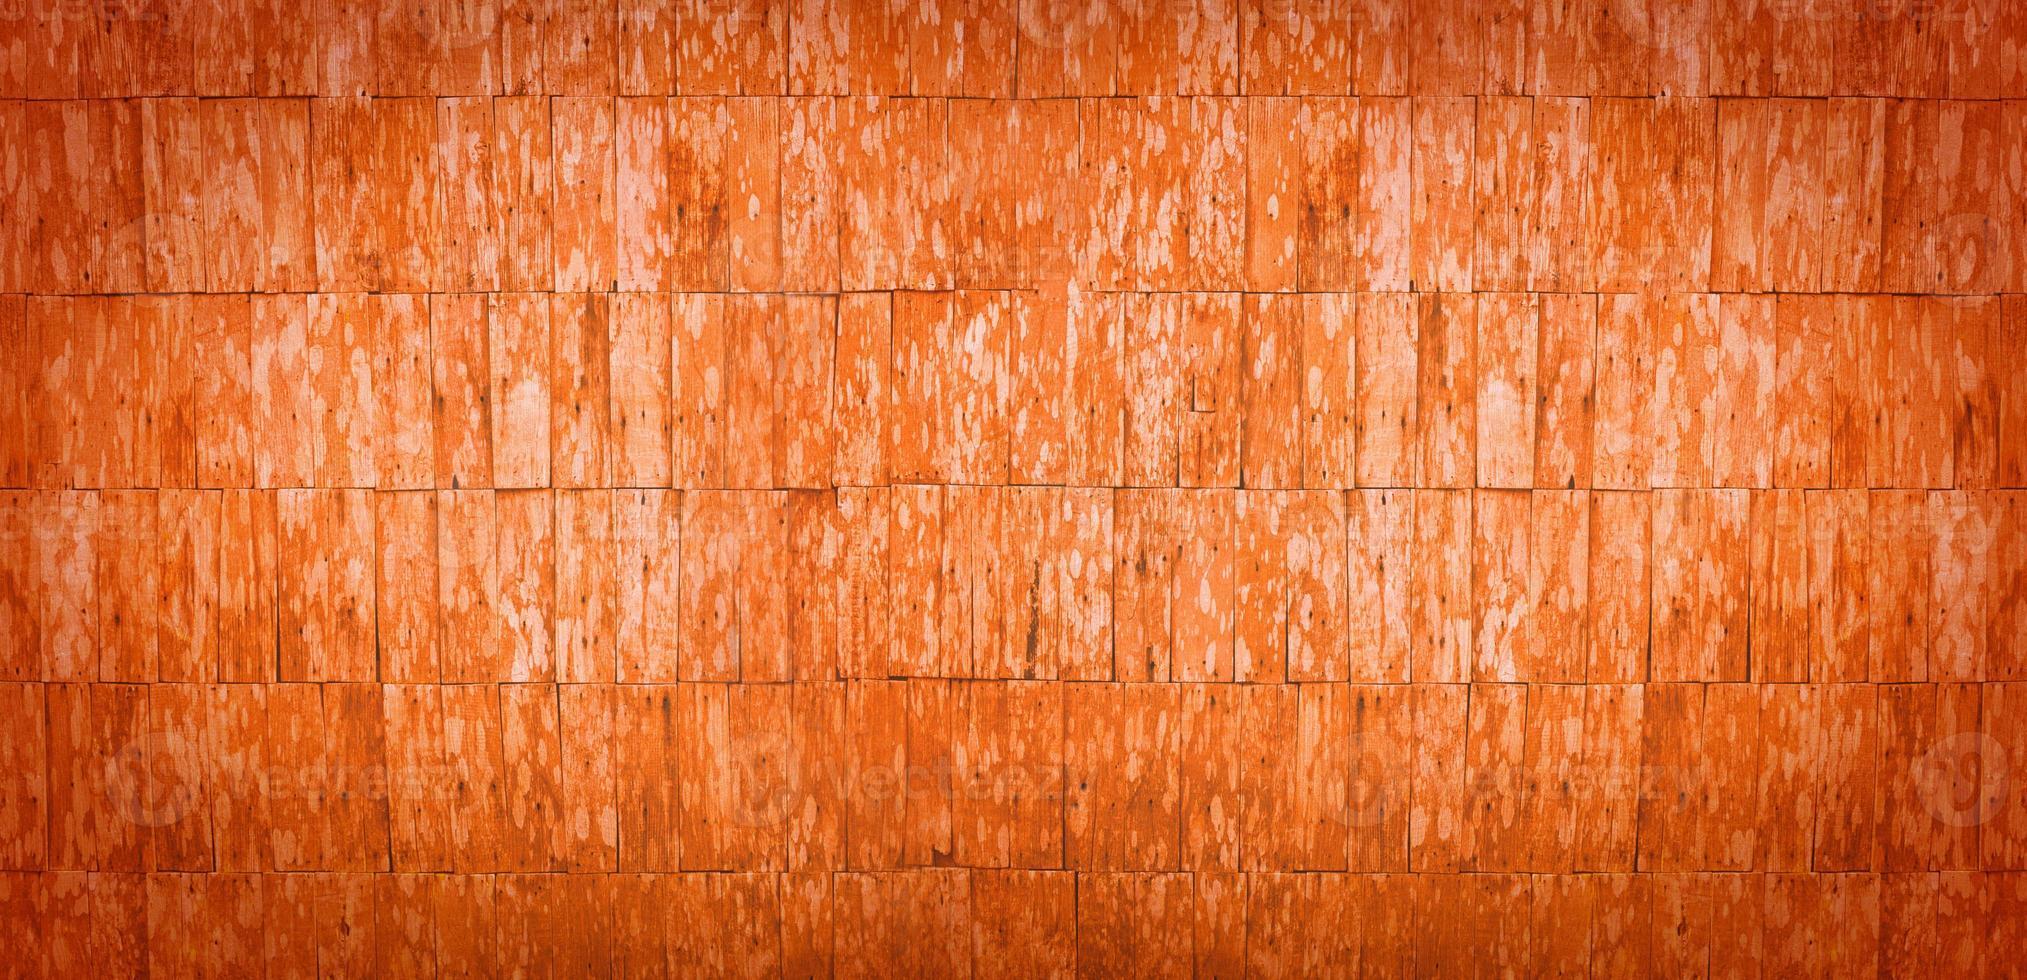 oranje banner als achtergrond foto